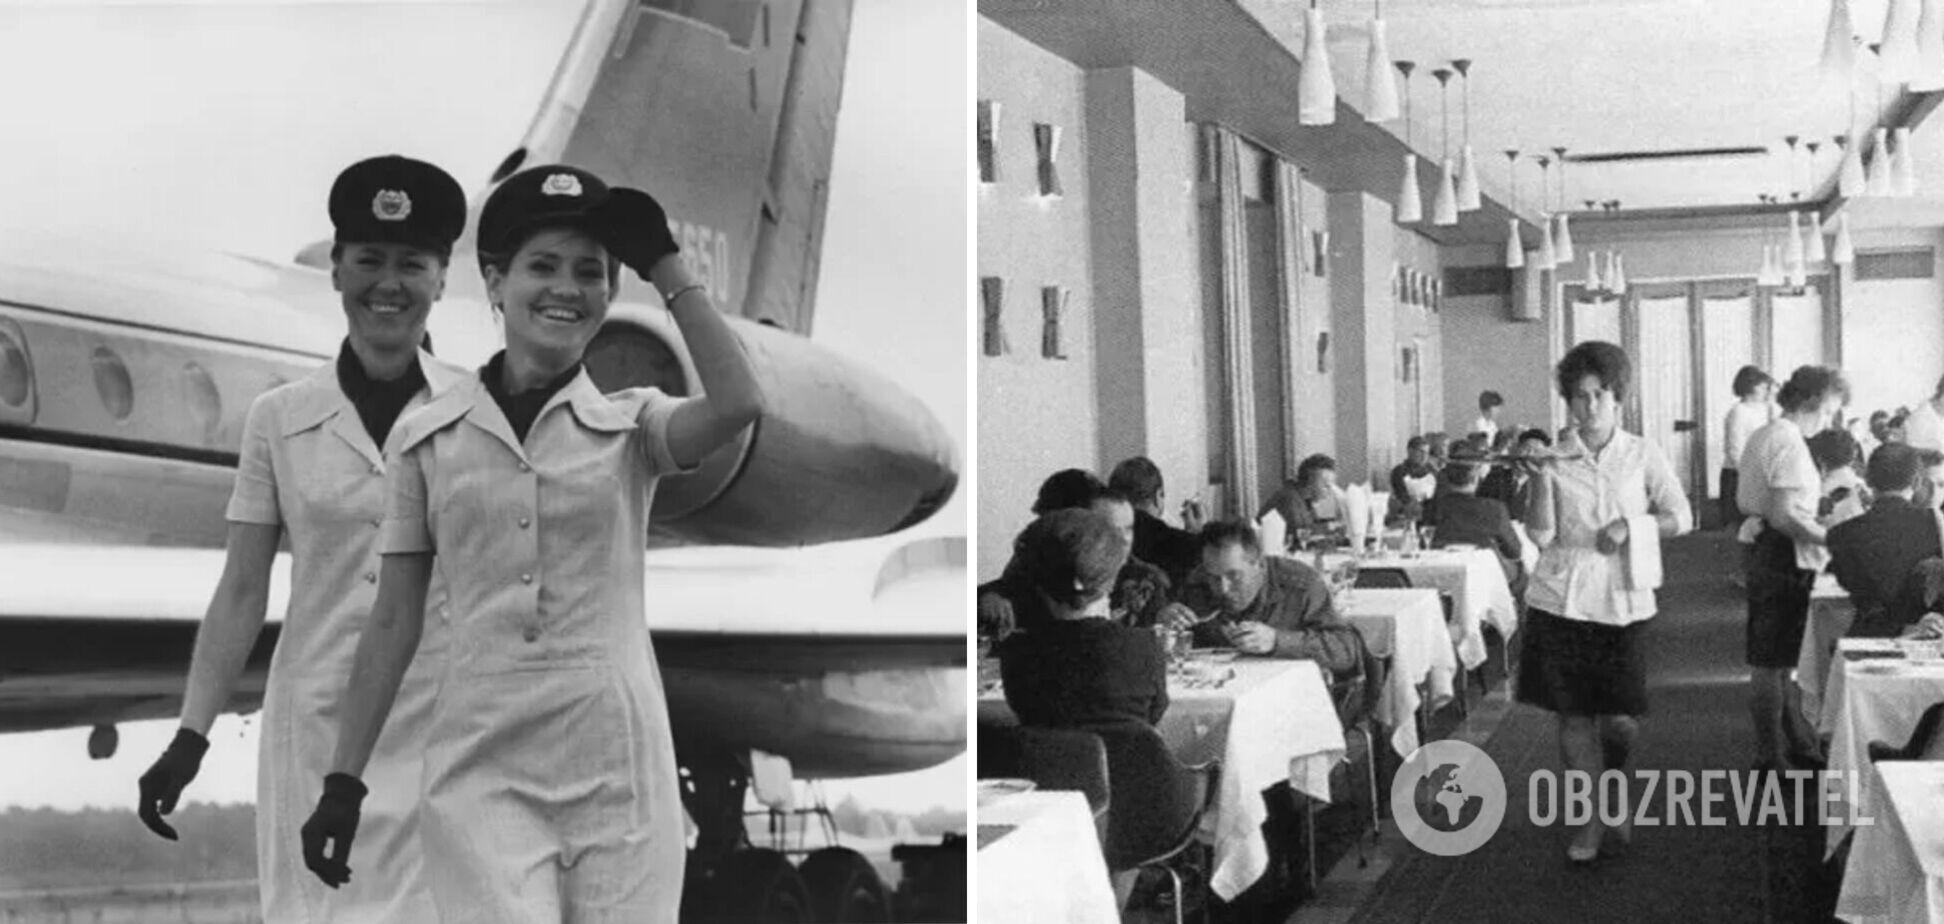 В СССР женщины худели на самодельных диетах: опубликованы интересные факты и фото